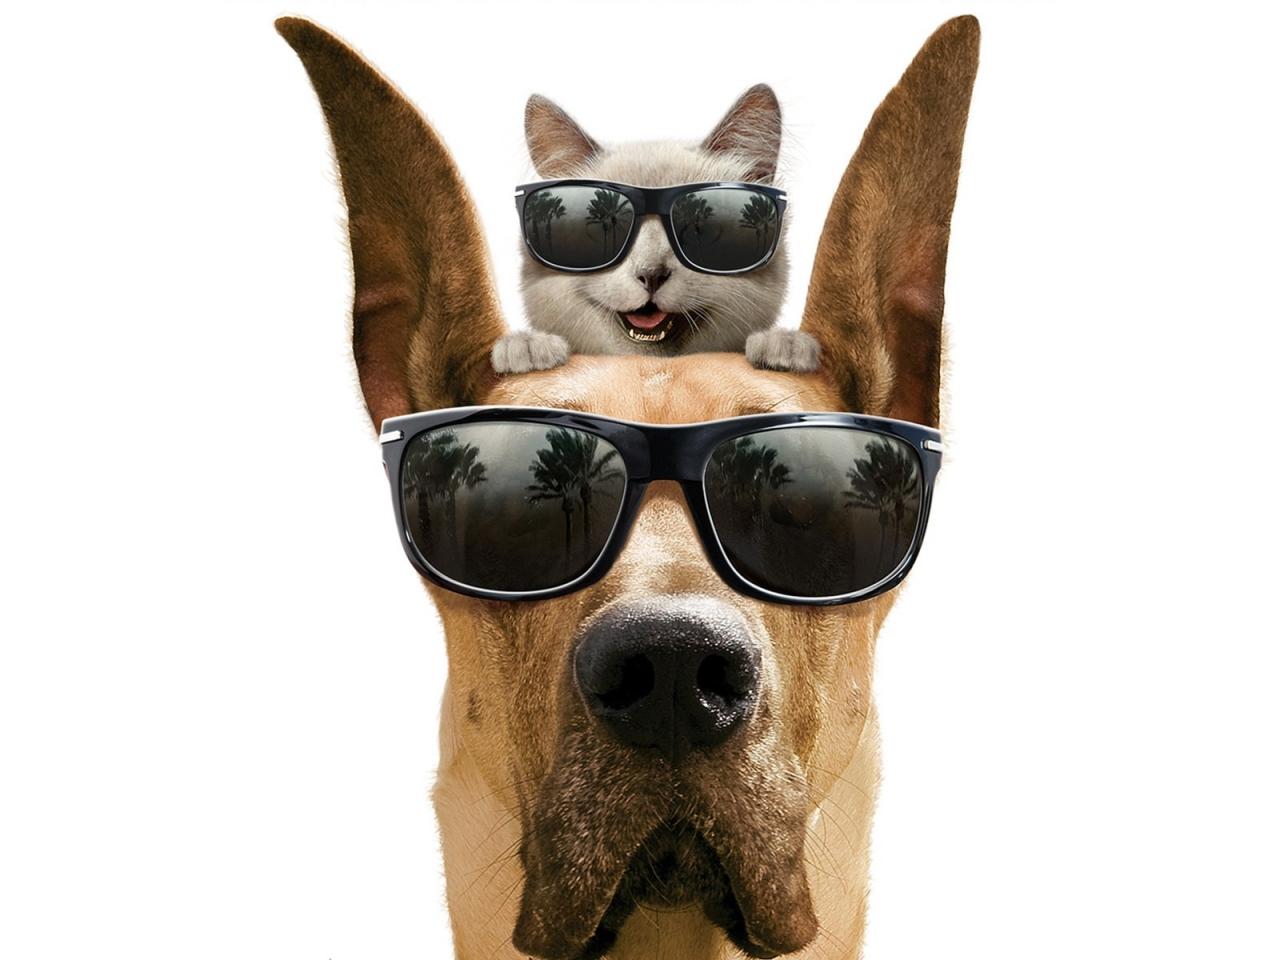 Como perros y gatos - 1280x960